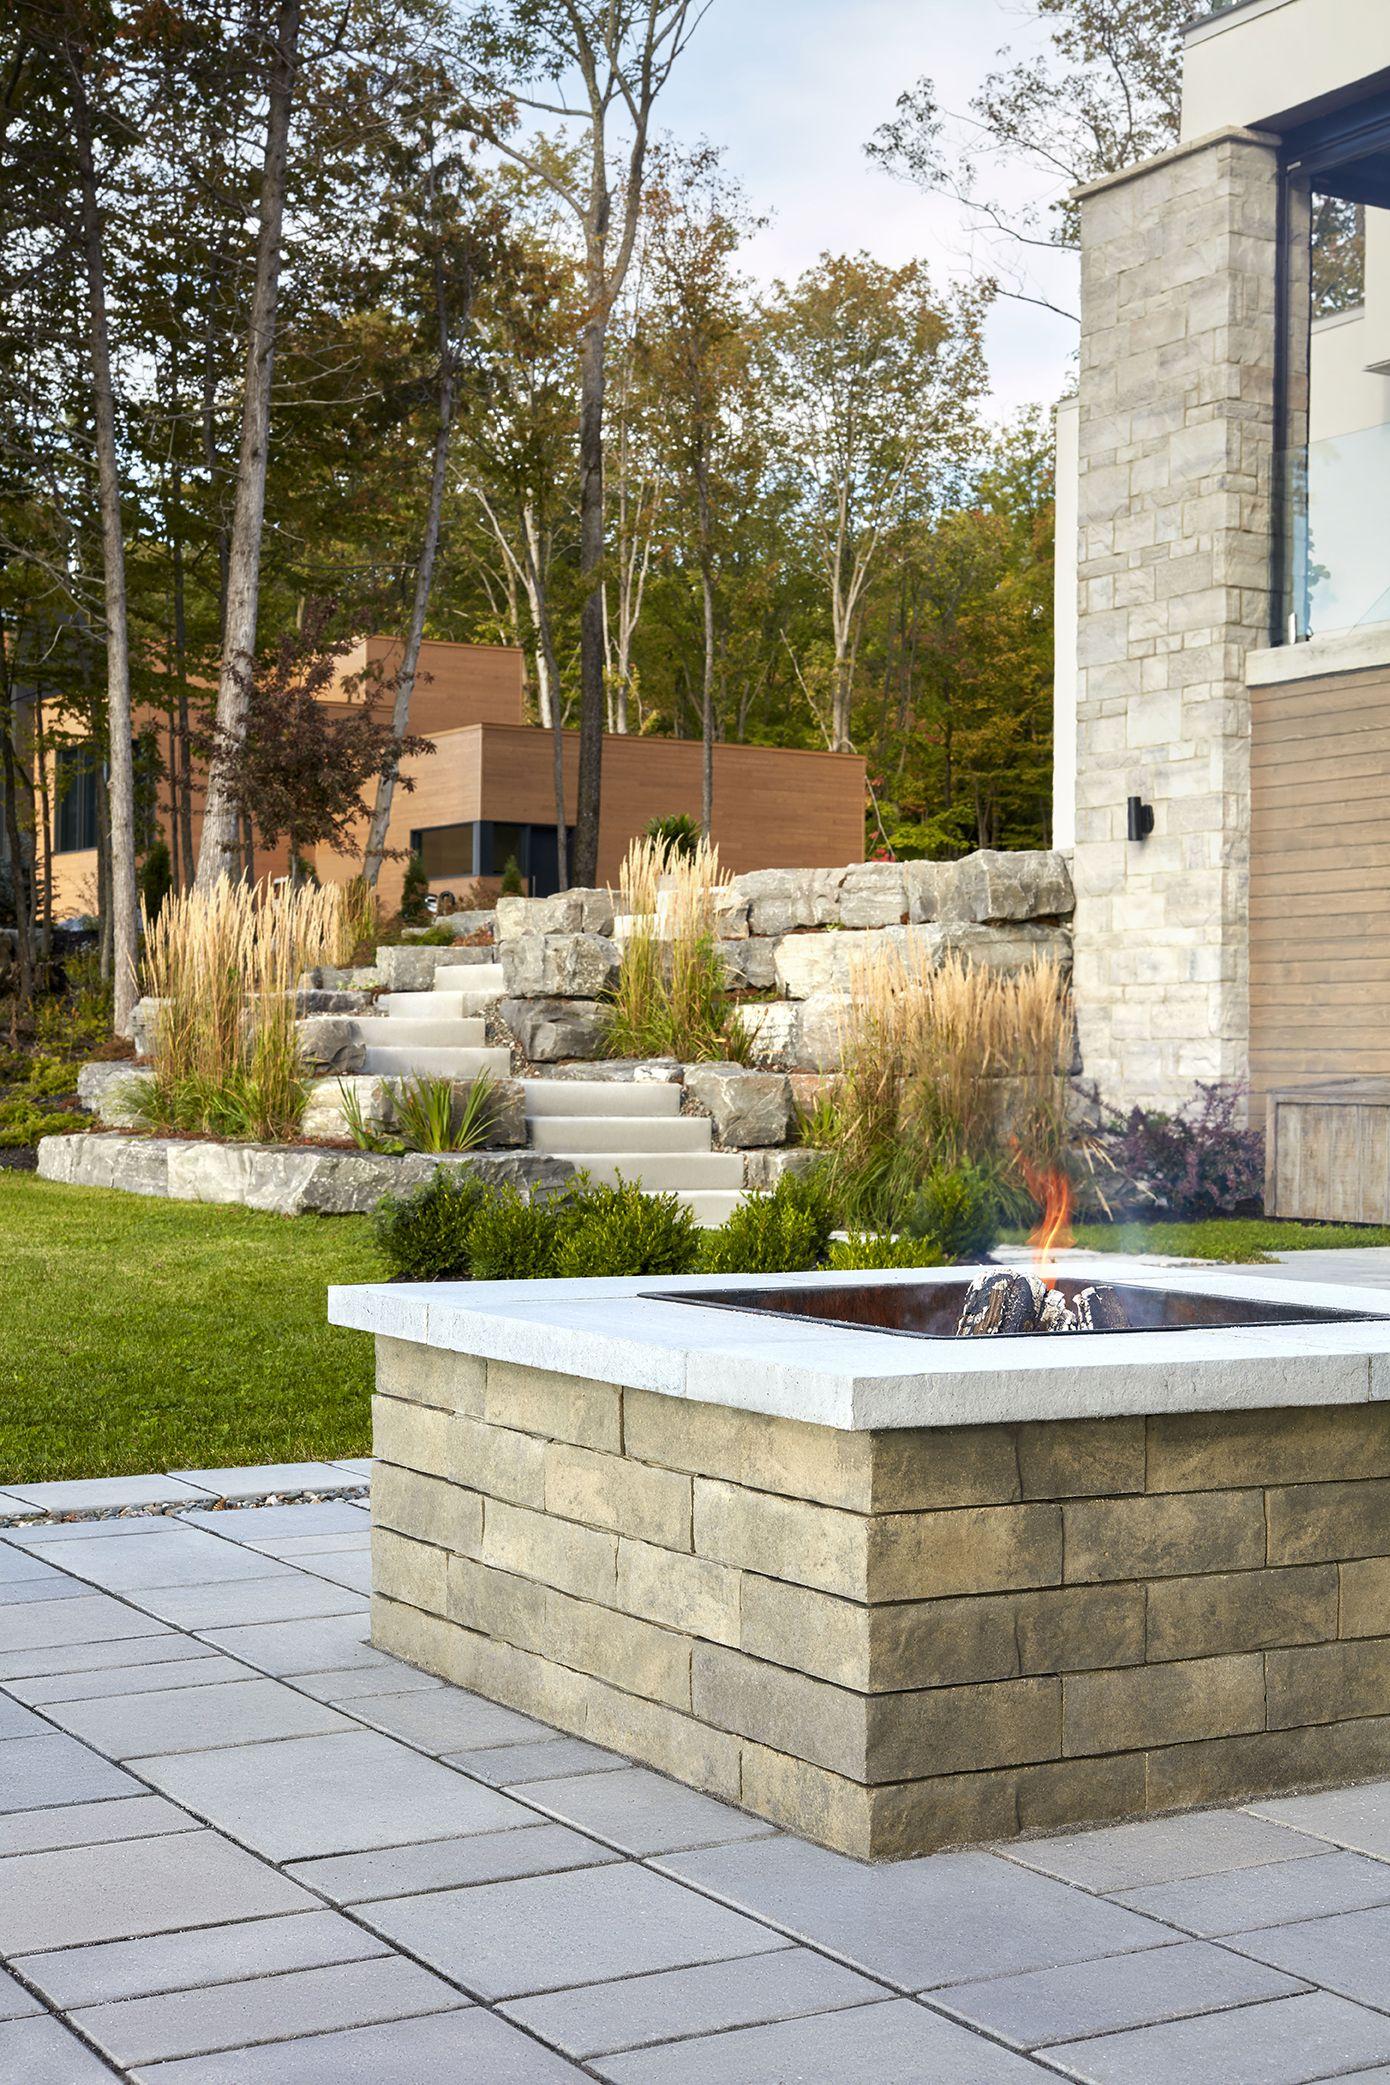 Fire Pit Ideas Backyard In 2020 Fire Pit Backyard Backyard Patio Designs Backyard Patio